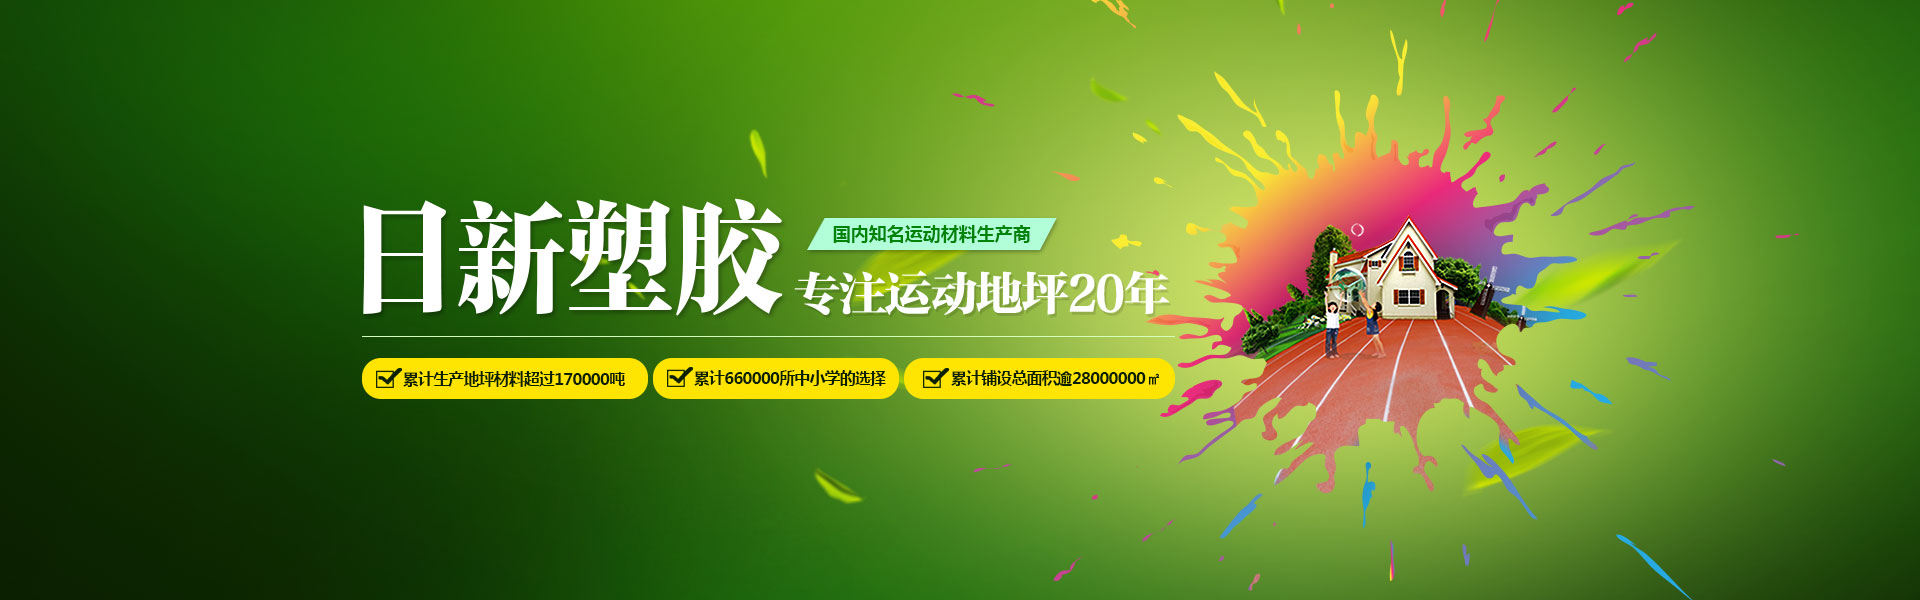 环保理念banner